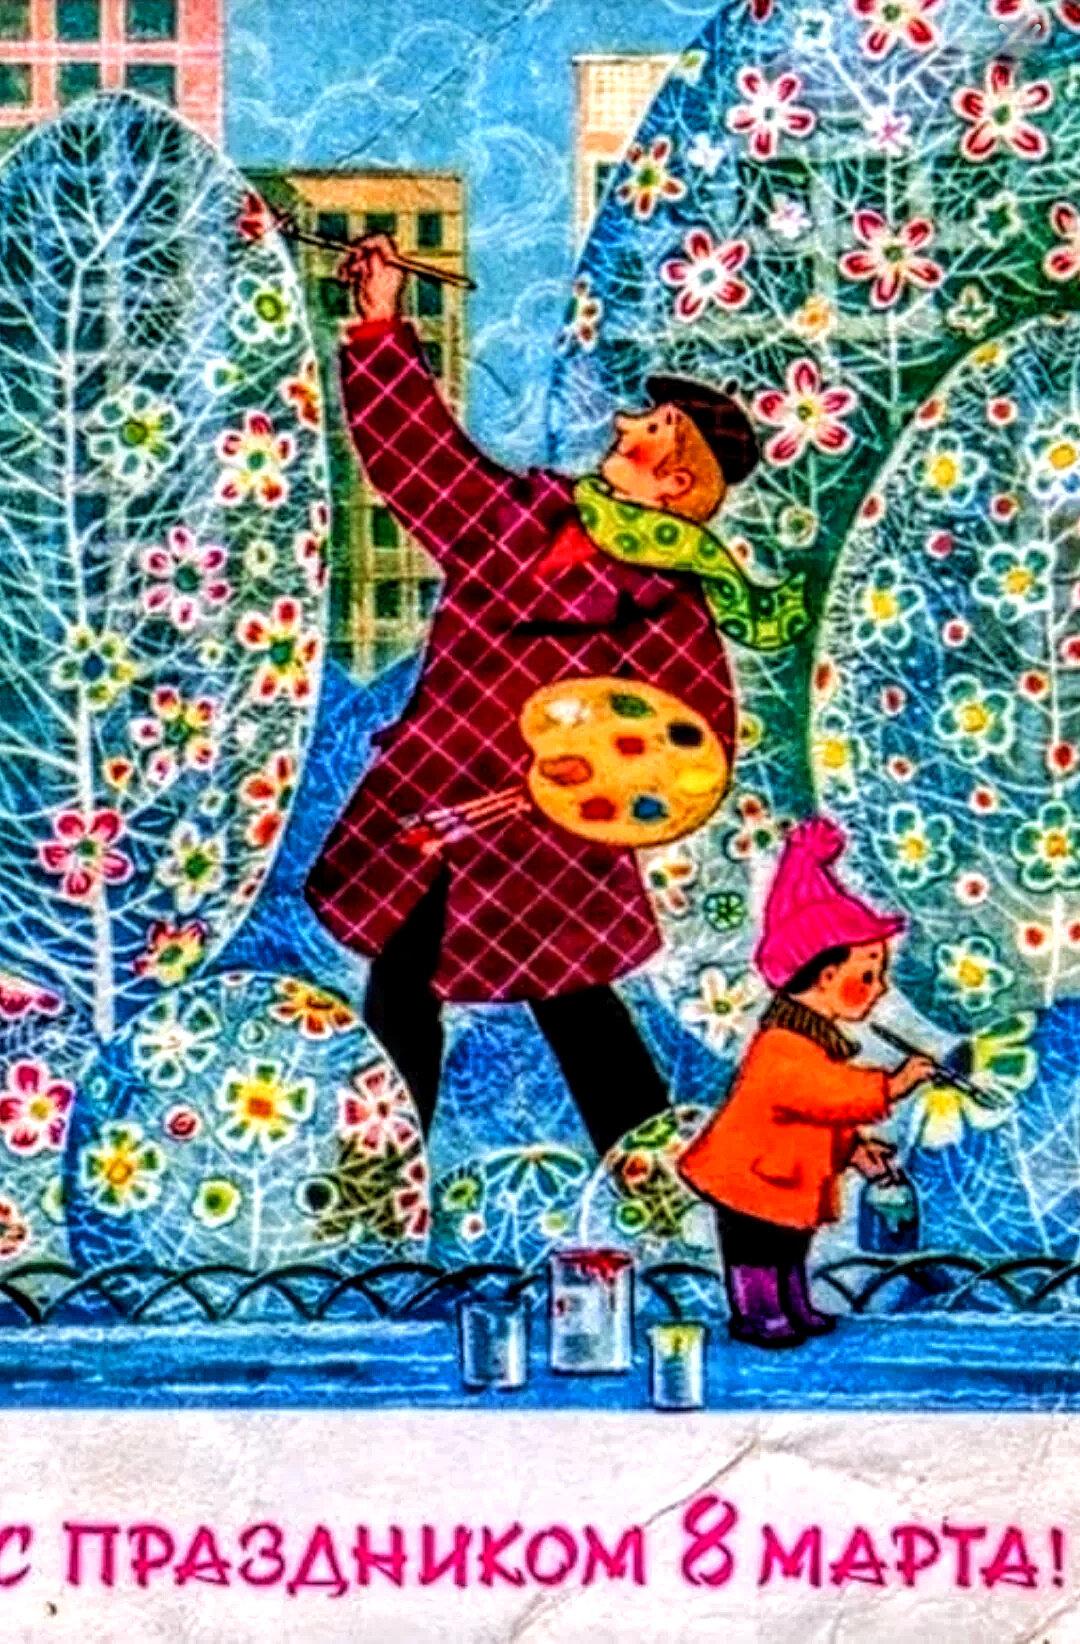 Открытки на 8 марта в советское время, детские открытки гифы